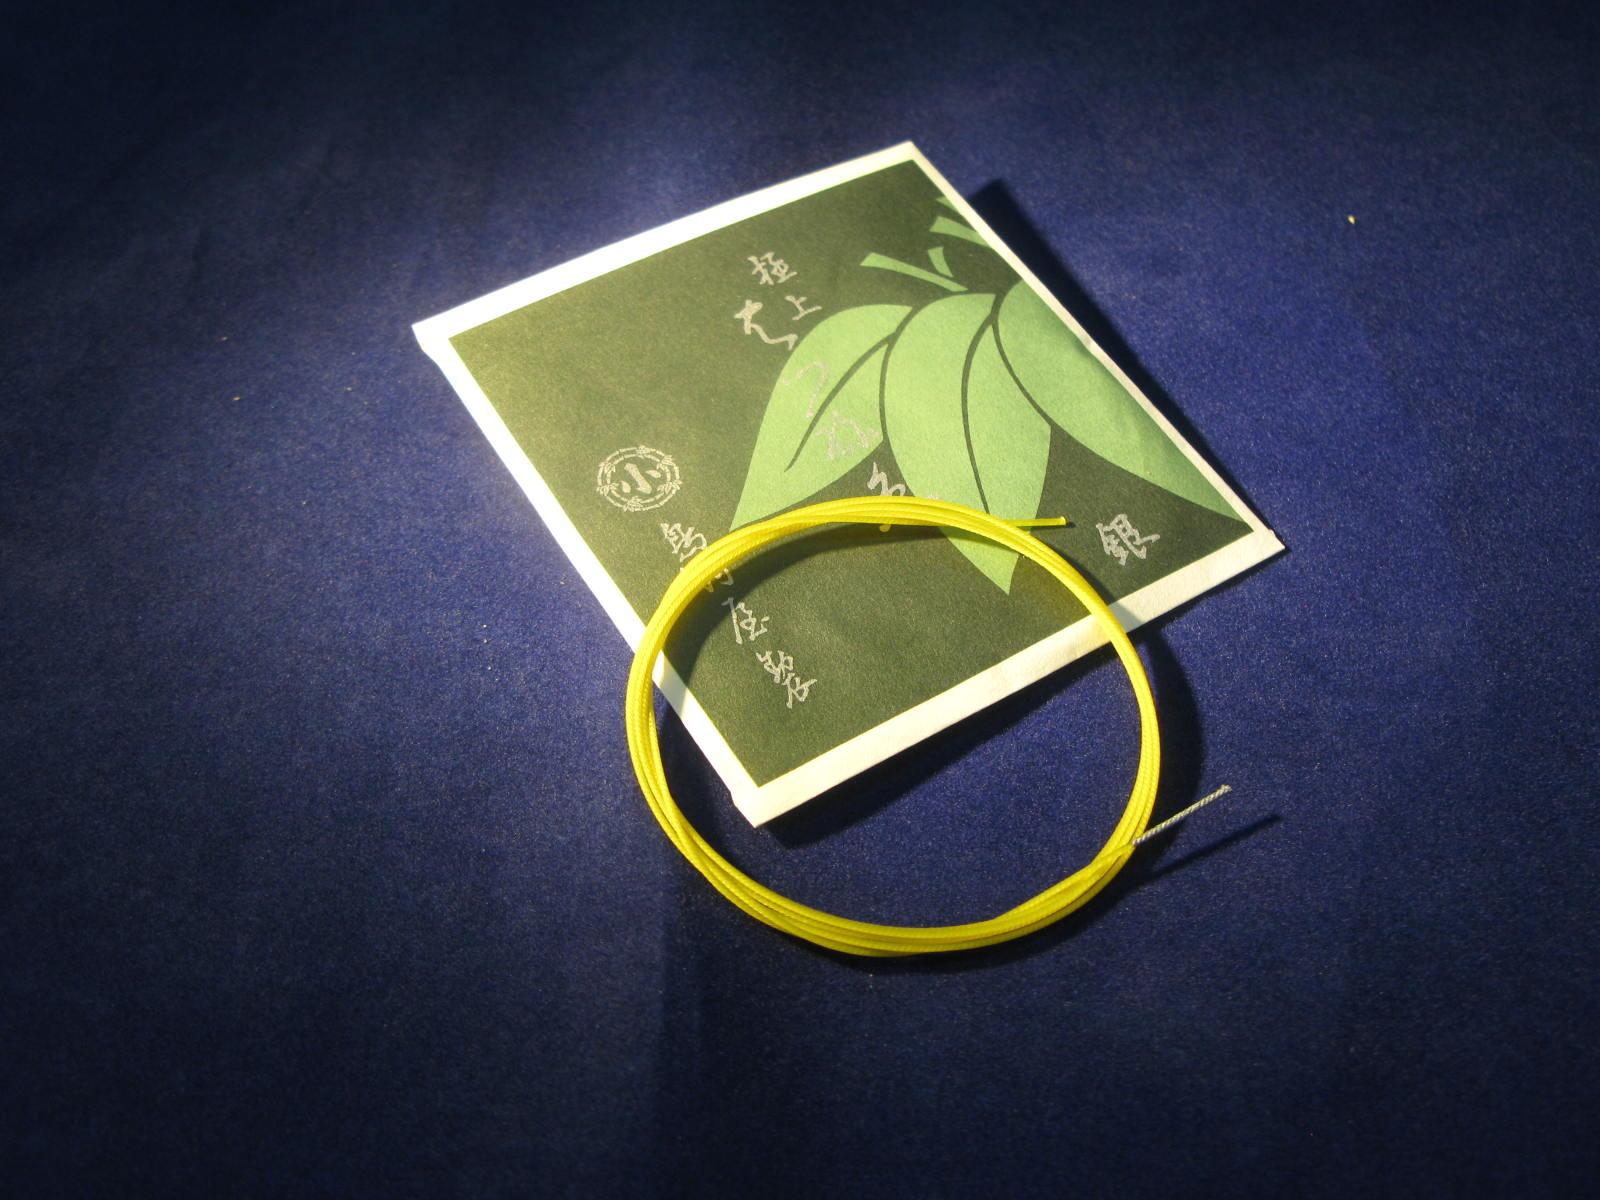 【三味線糸】はつね糸 一の糸 太さ18〜14 【送料込】